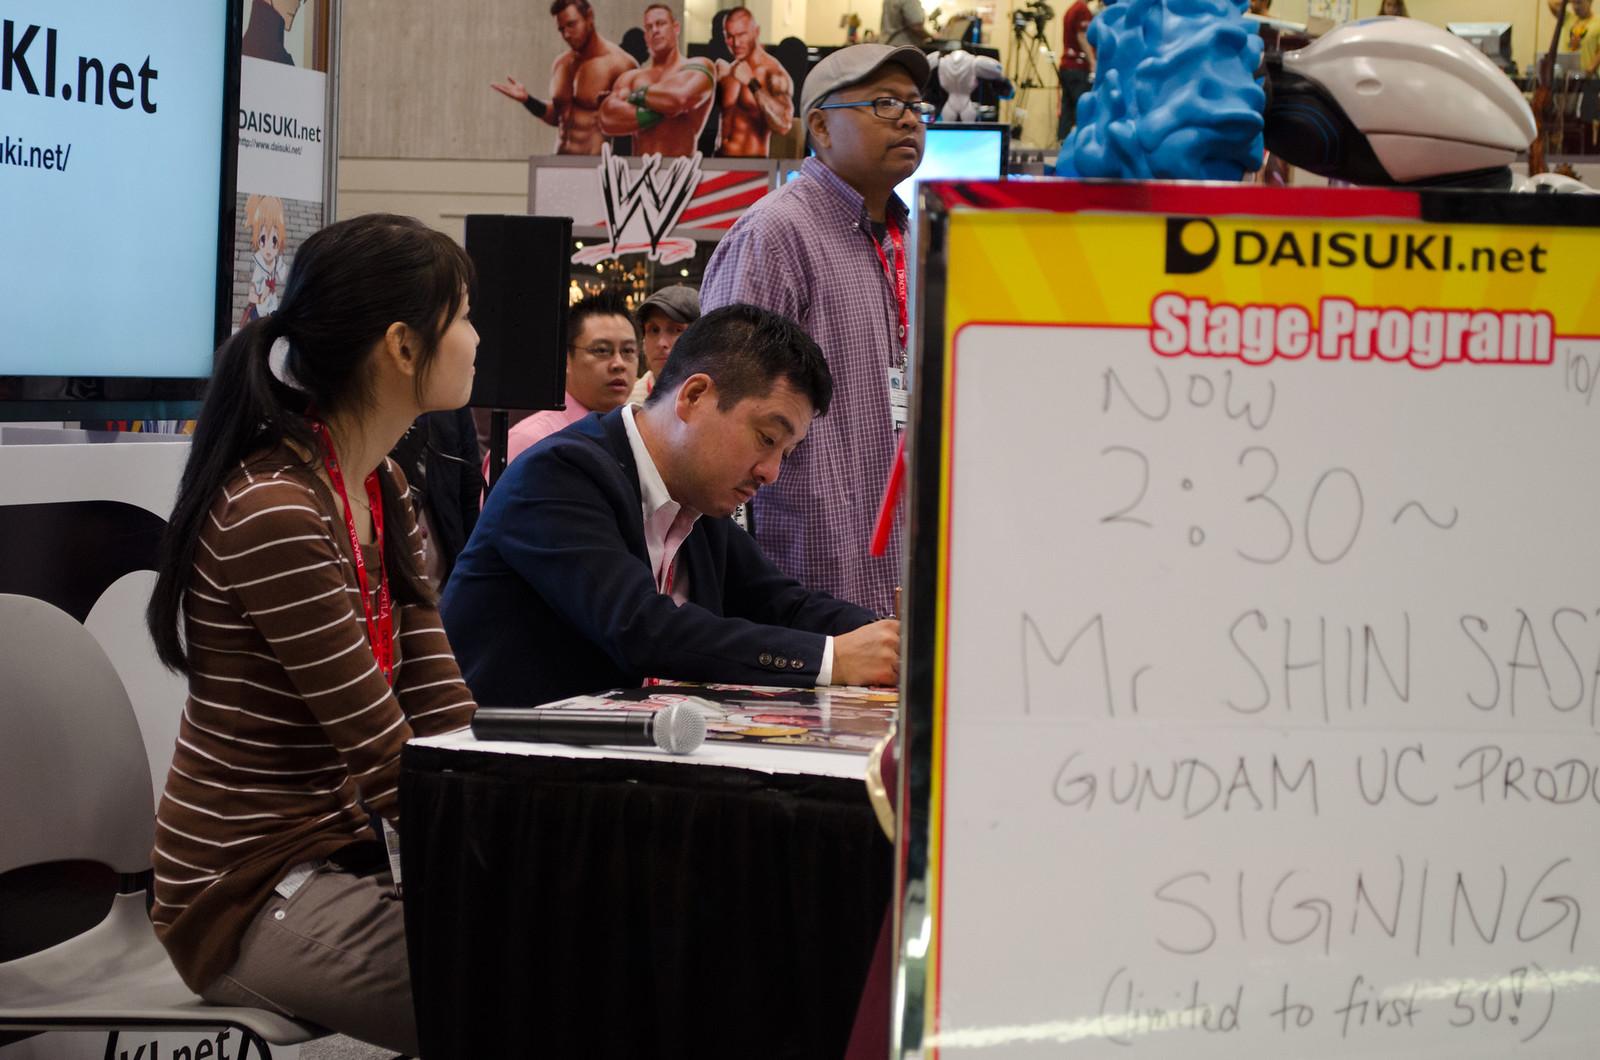 Daisuki Booth